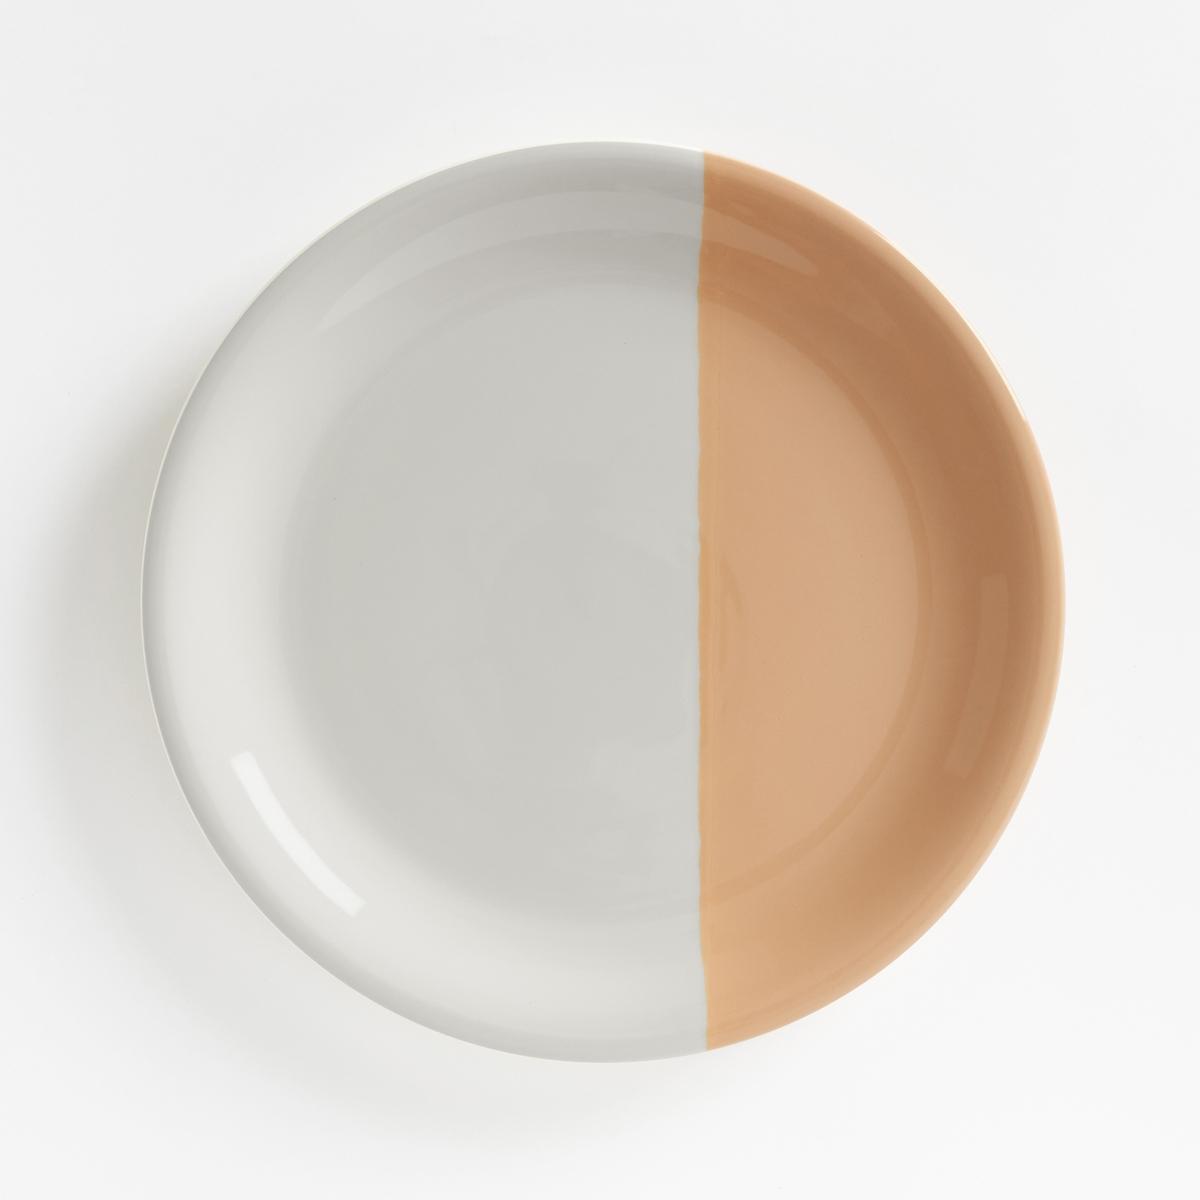 Комплект из 4 мелких тарелок из фаянса ZALATOОписание:Оригинальные двухцветные мелкие тарелки из фаянса. Каждая тарелка разделена пополам с помощью цвета.Характеристики мелких тарелок ZALATO :Комплект из 4 двухцветных тарелок из фаянса.Размеры мелких тарелок ZALATO :Диаметр : 27,2 смУход :Подходят для мытья в посудомоечной машине и использования в микроволновой печи<br><br>Цвет: белый/ зеленый,белый/ розовая пудра,белый/ синий